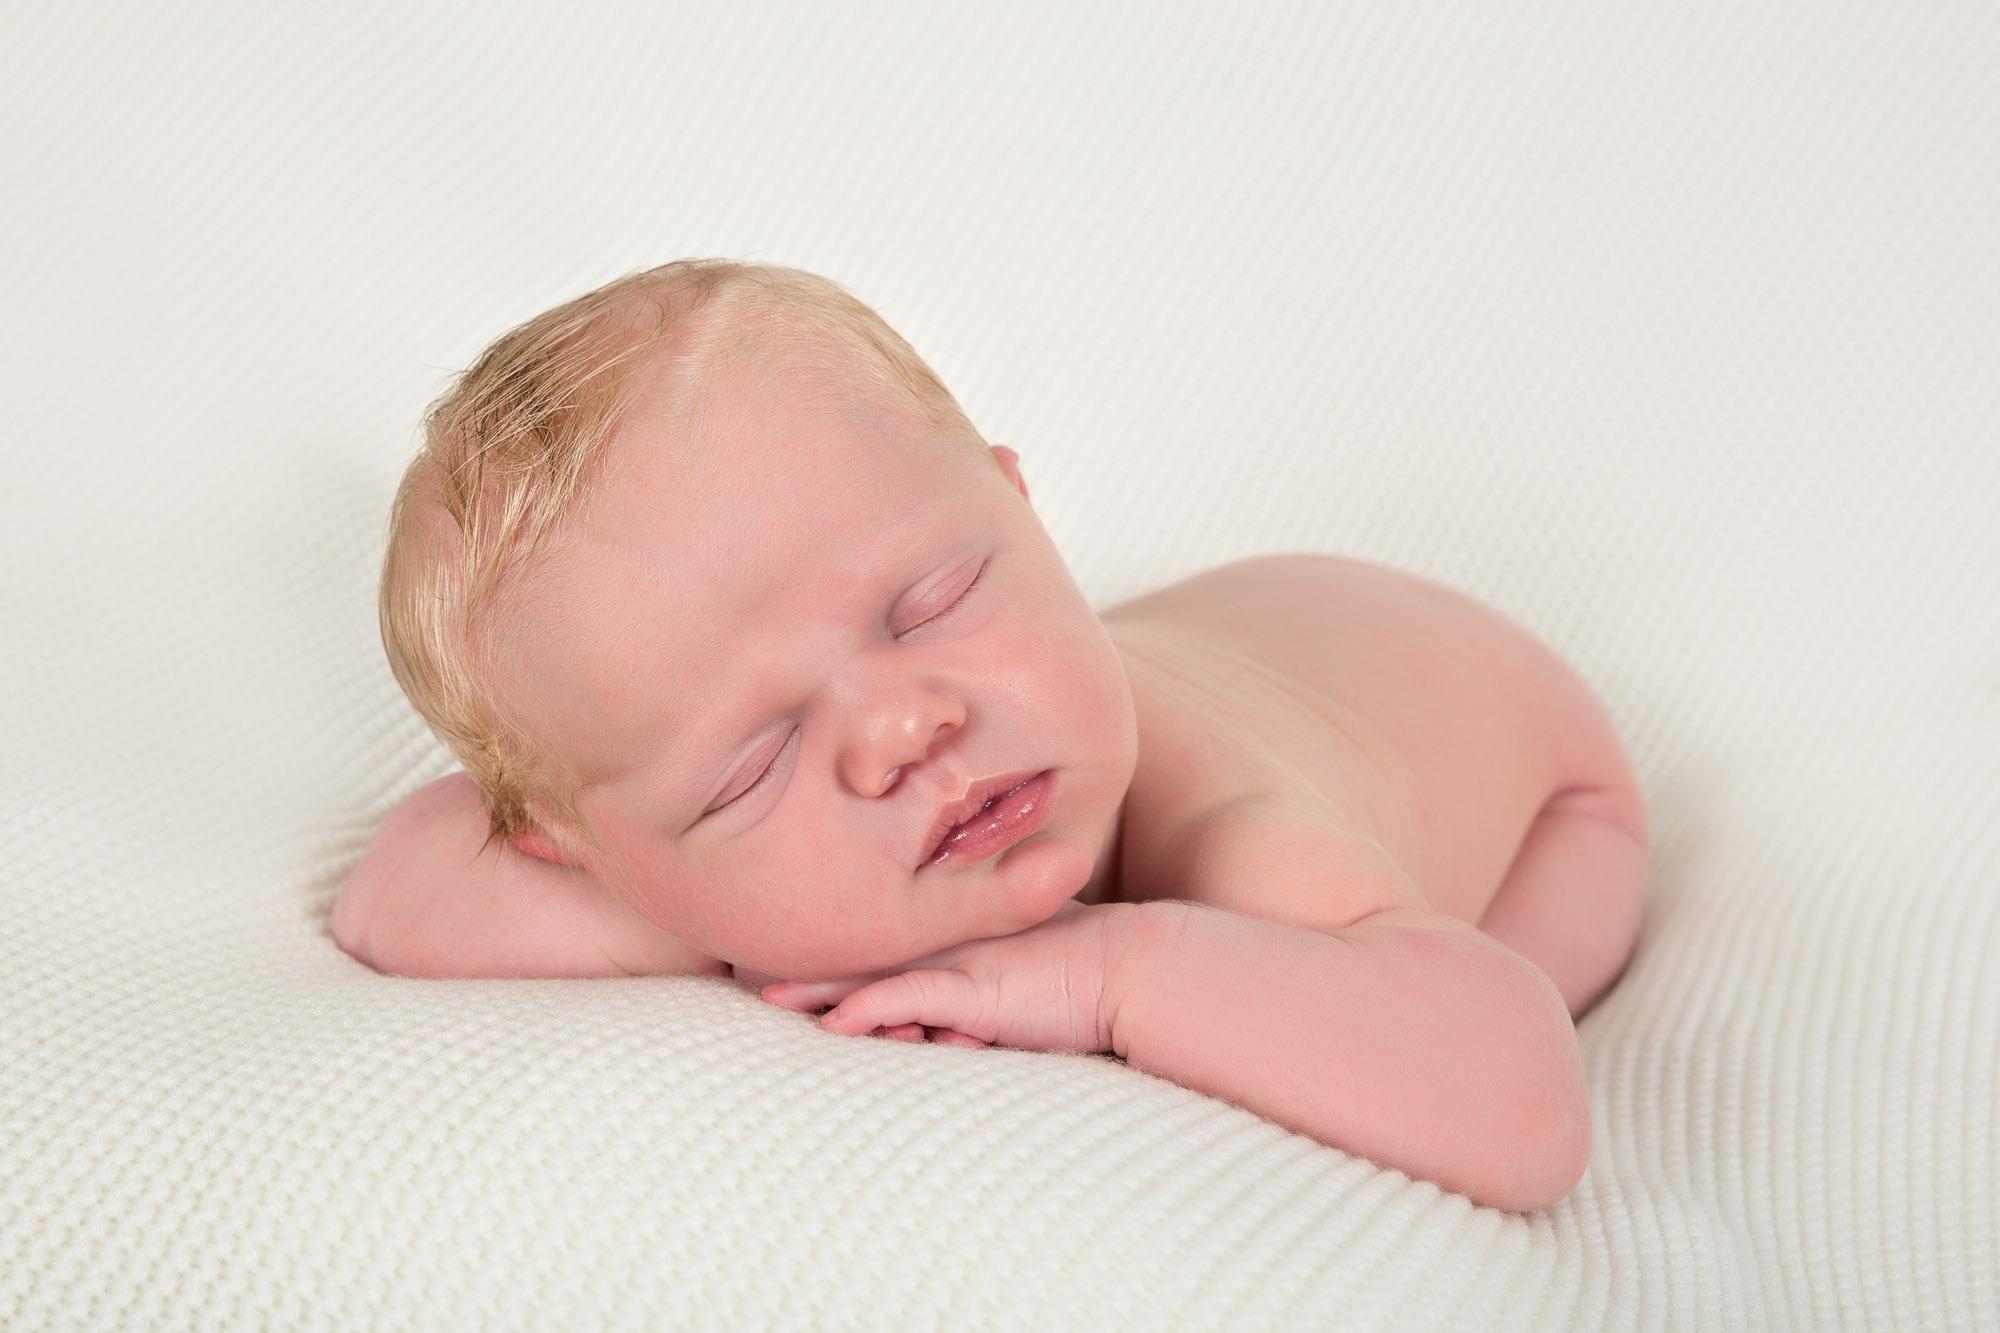 Synne, bare 7 dager ung. Nyfødt-bilder er et fantastisk minne å henge på veggen :) Nyfødt-fotograferingen må taes før babyen er 10 dager gammel, da babyen er mest formbare i den tidlige perioden :) Og de mister dette nyfødt preget så utrolig fort.